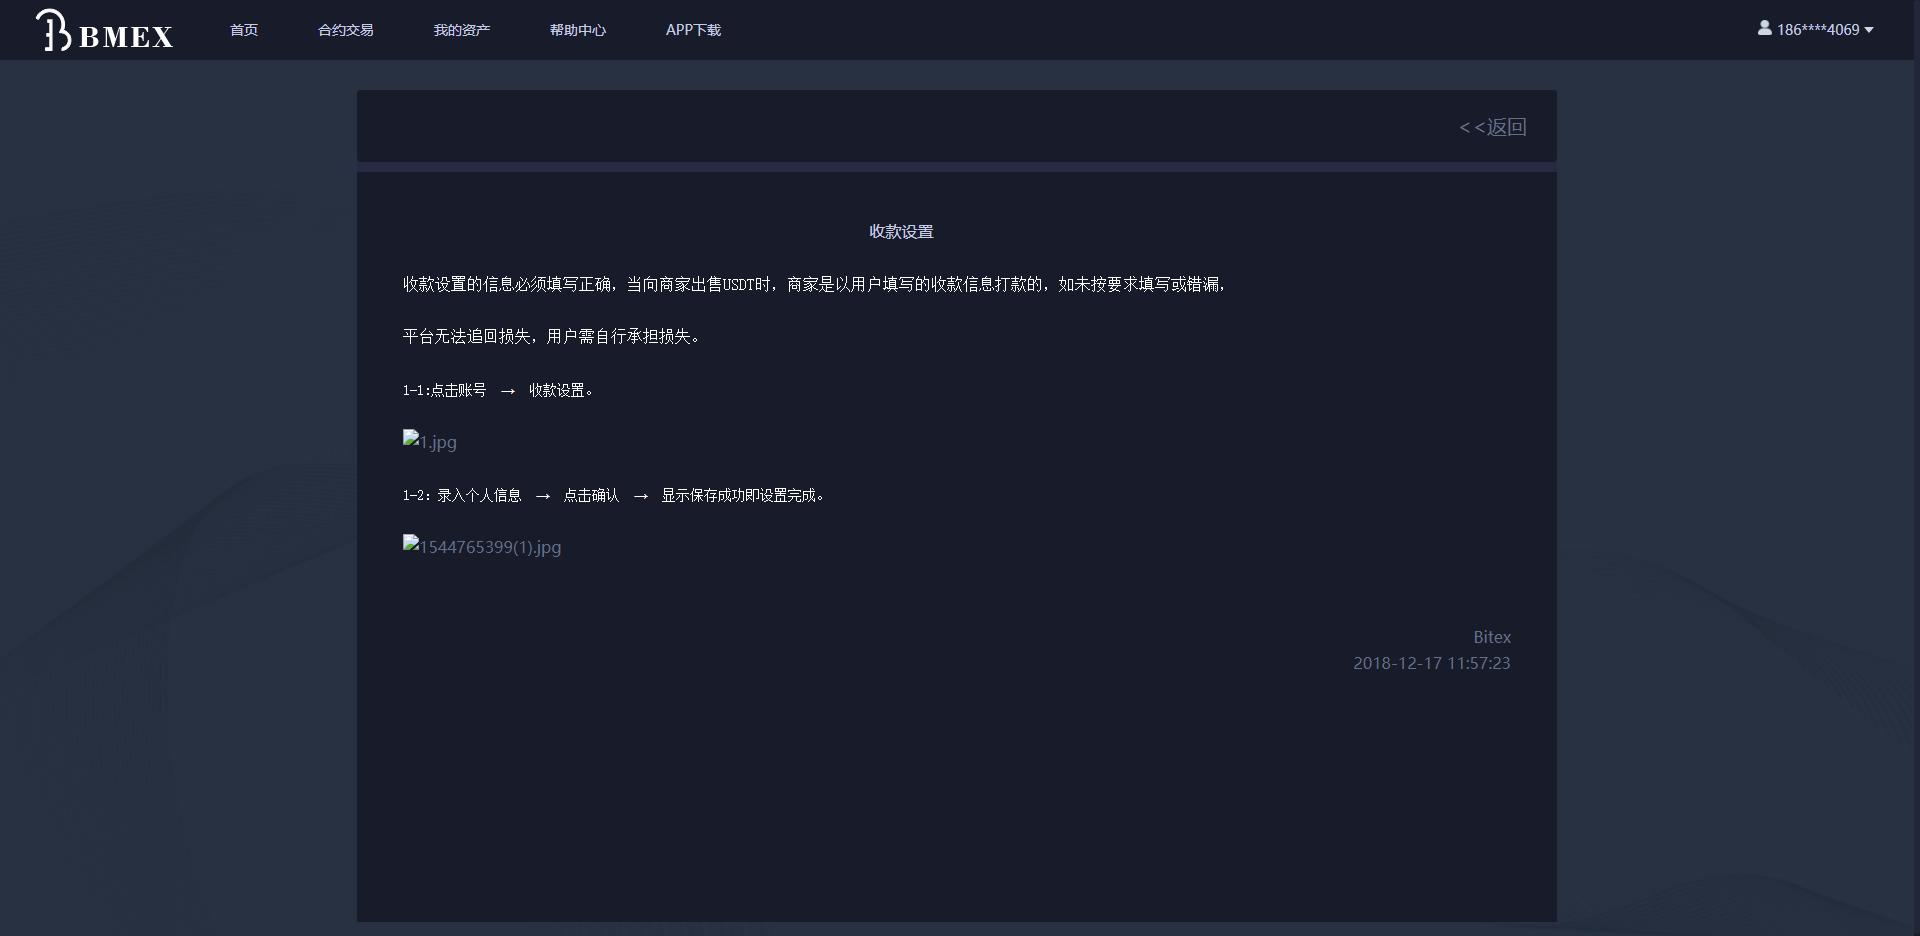 数字资产区块链+机器人区块链资产货币+USDT以太坊代币交易所系统+合约交易+C2C交易所开发全球区域网站源码下载